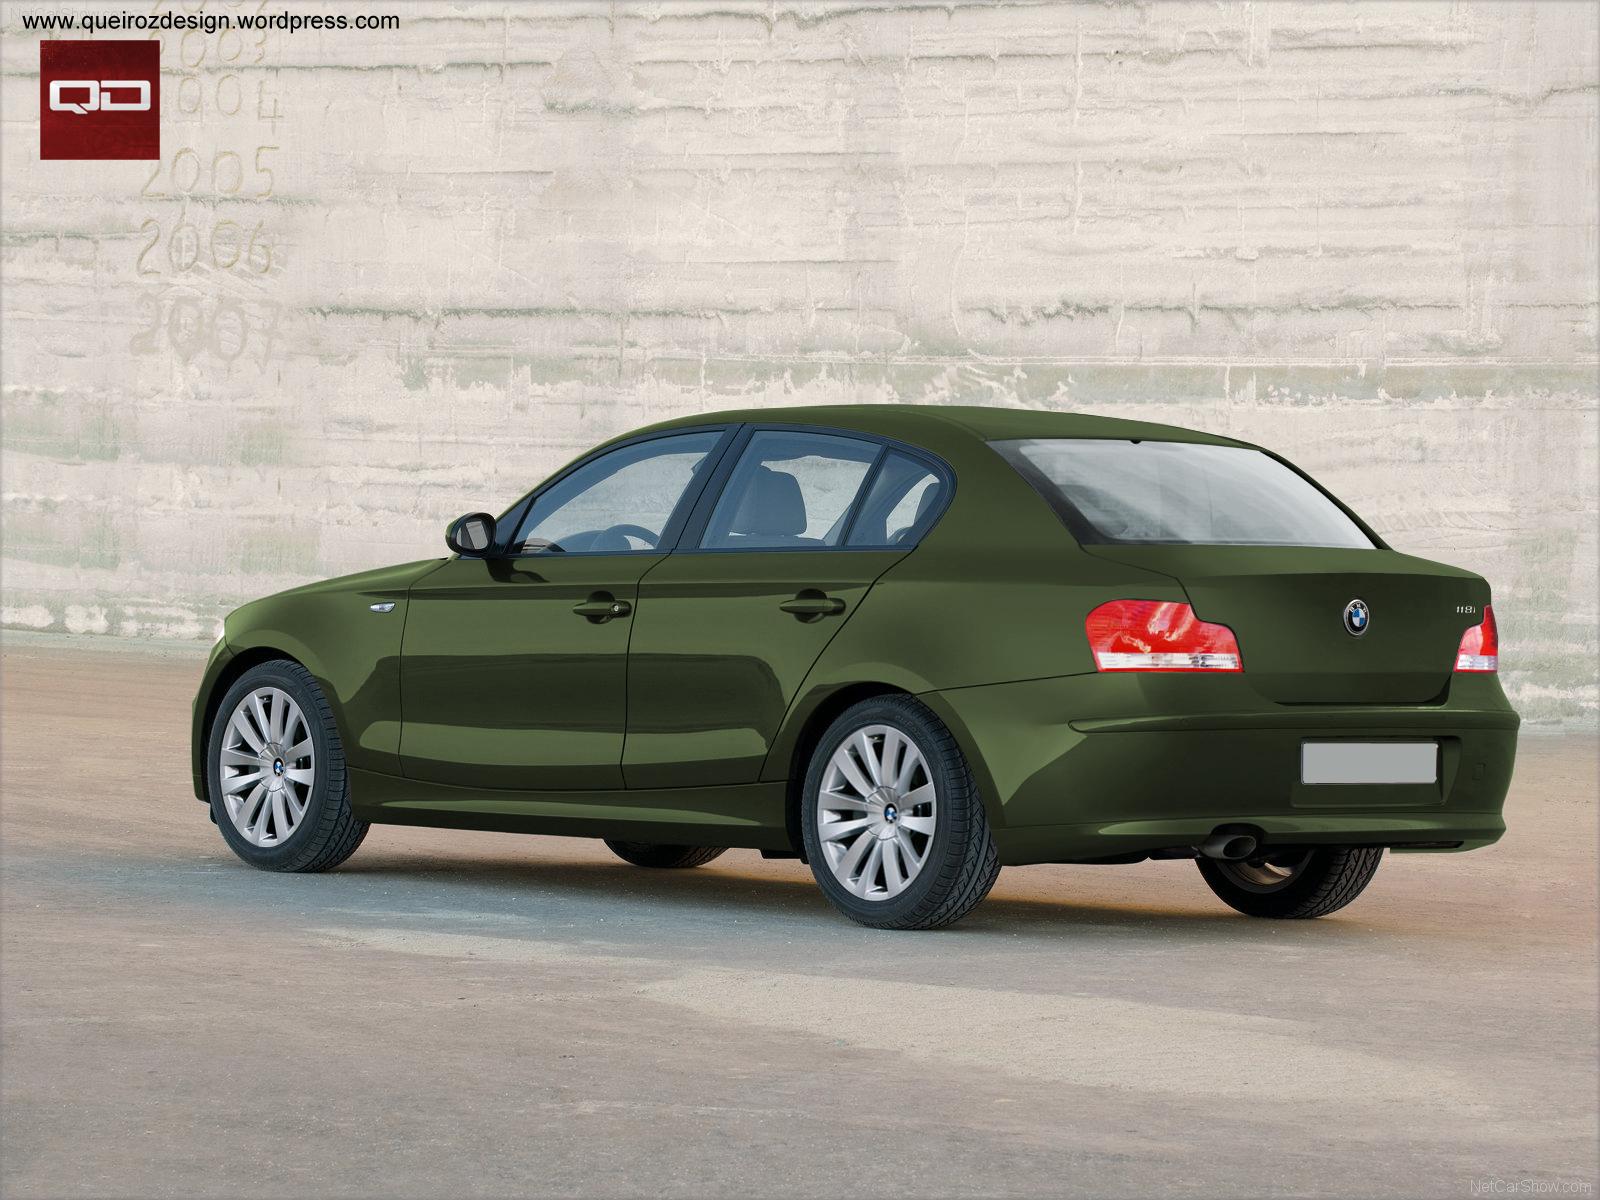 BMW 118i Sedan - Clique na Imagen para Ampliar